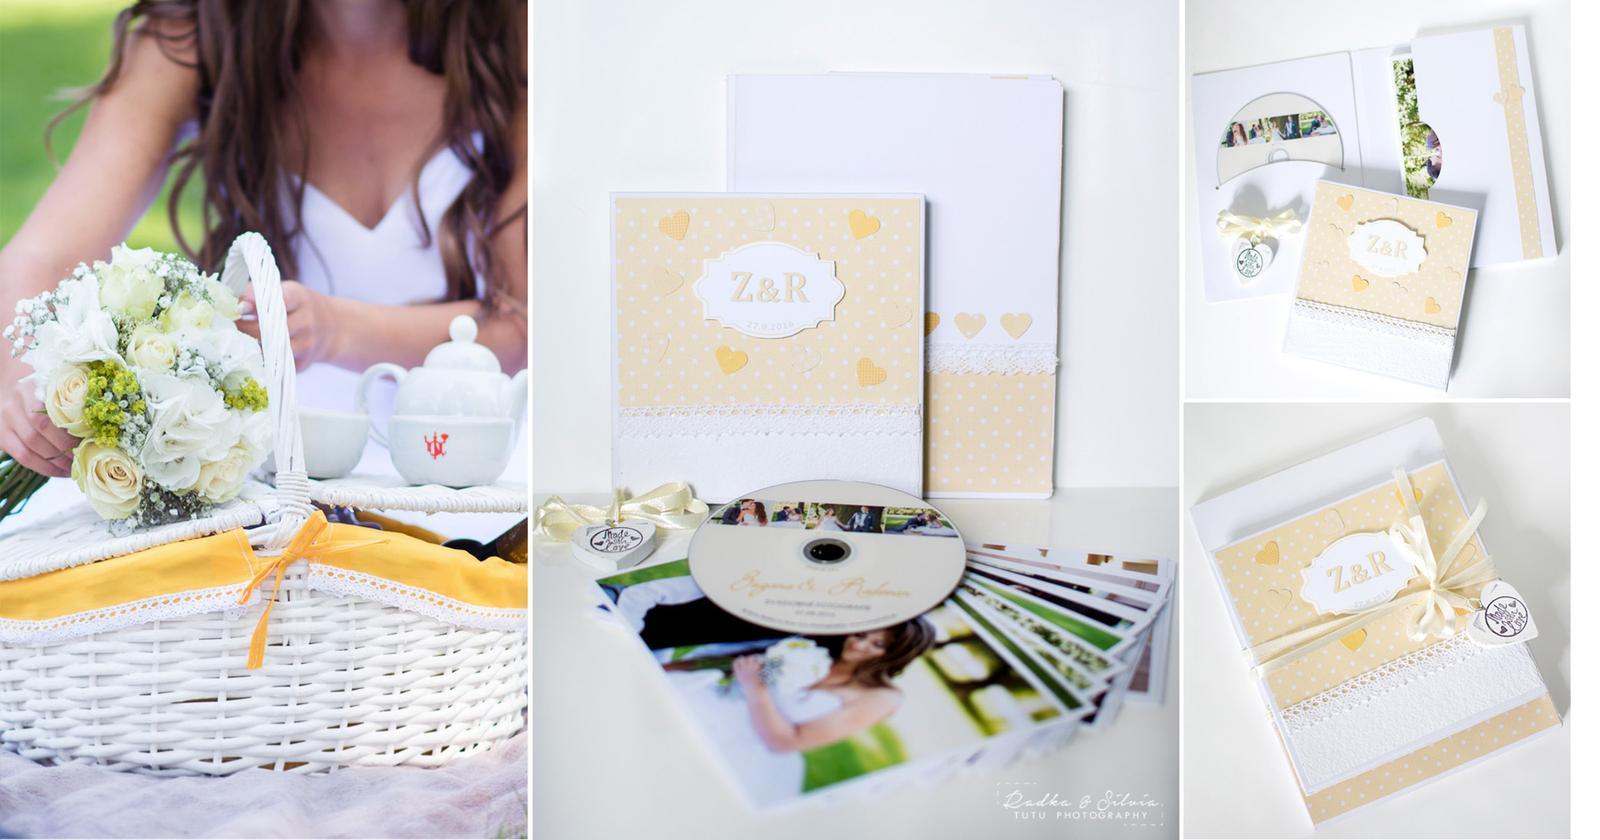 Svadobné fotky v handmade fotoalbume - Obrázok č. 3